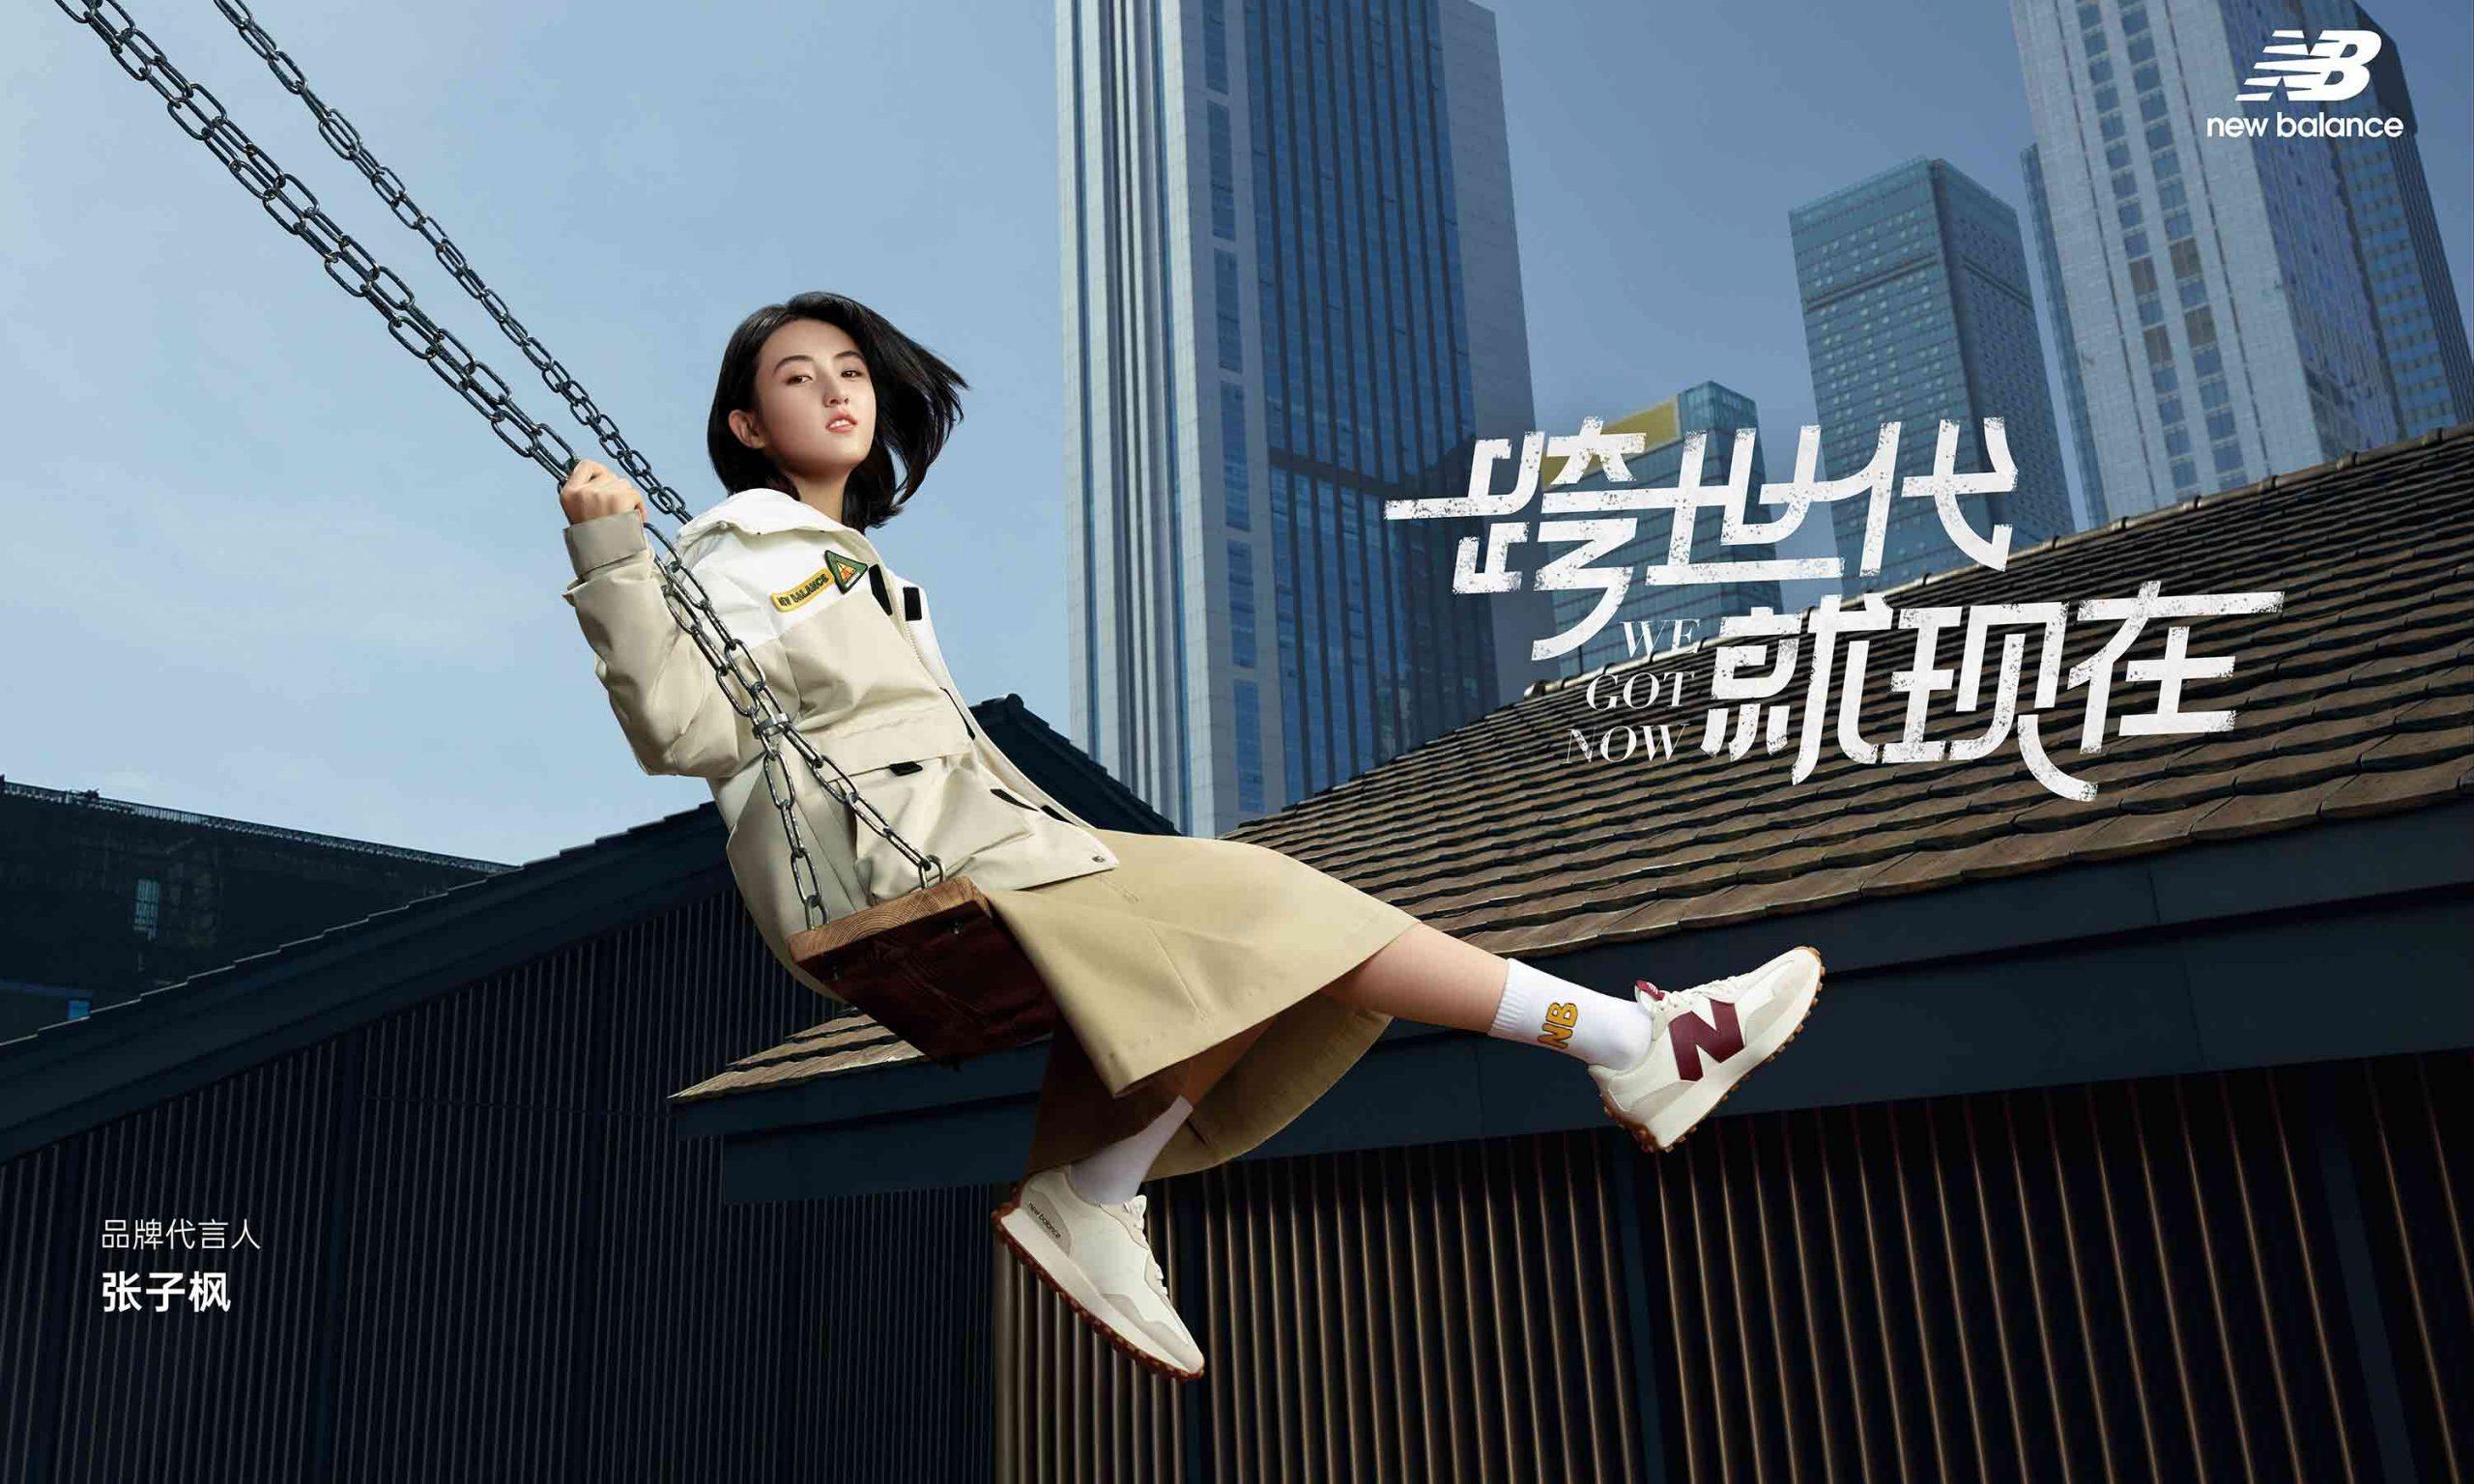 汲取自然能量,JHI x New Balance 冬日野营联名系列上市